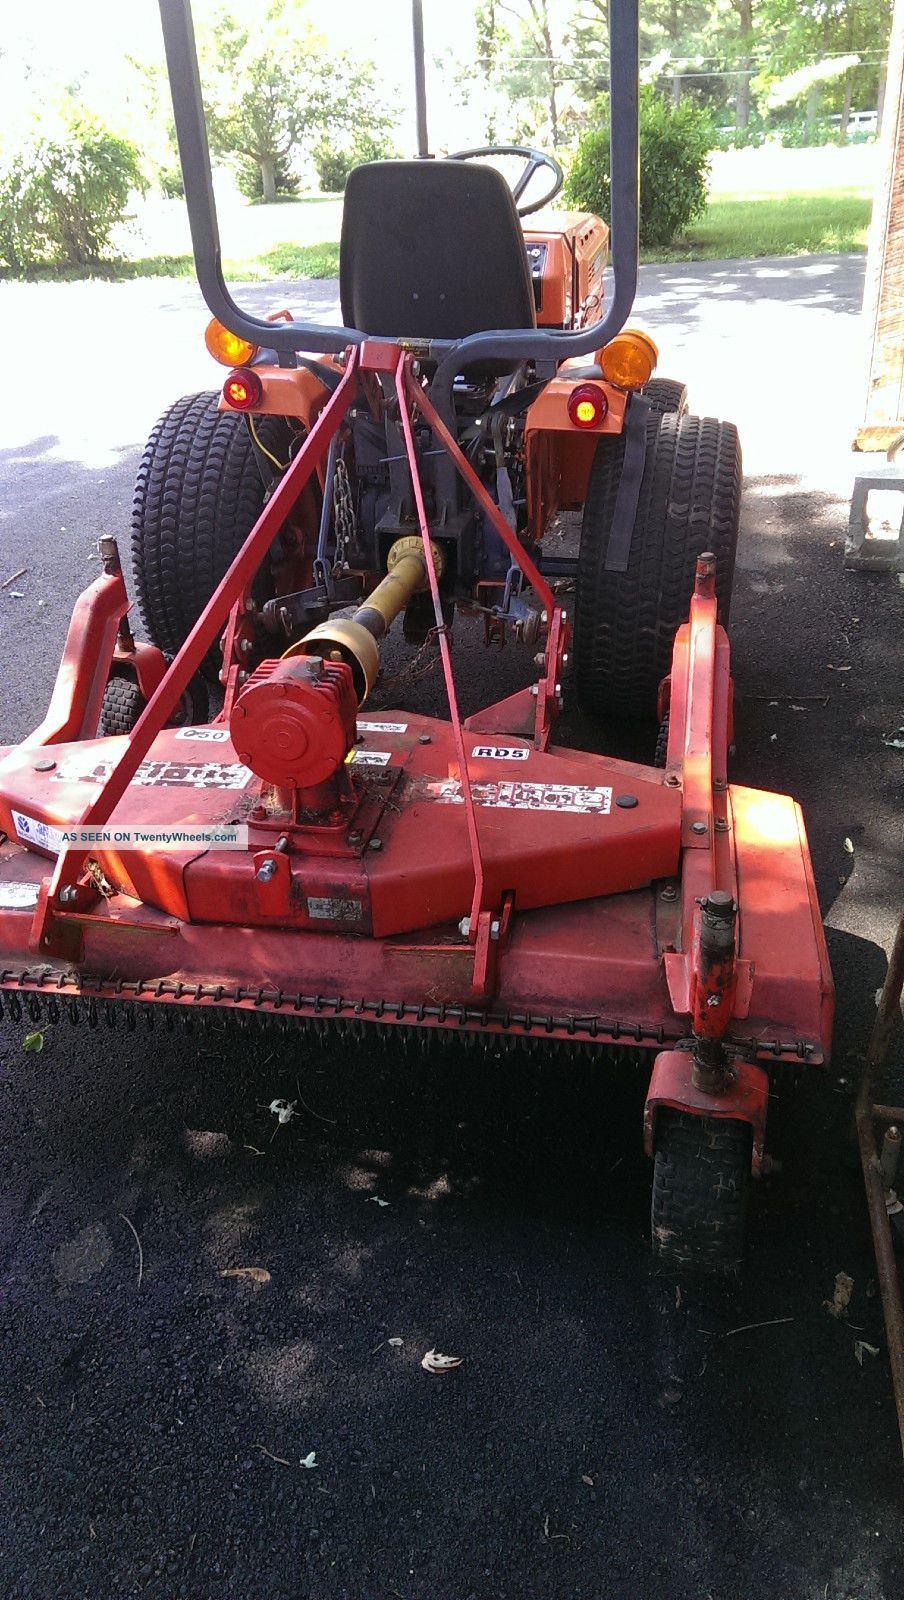 Kubota B7200 Tractor Seat : Kubota b hst wd tractor with befco finish mower and